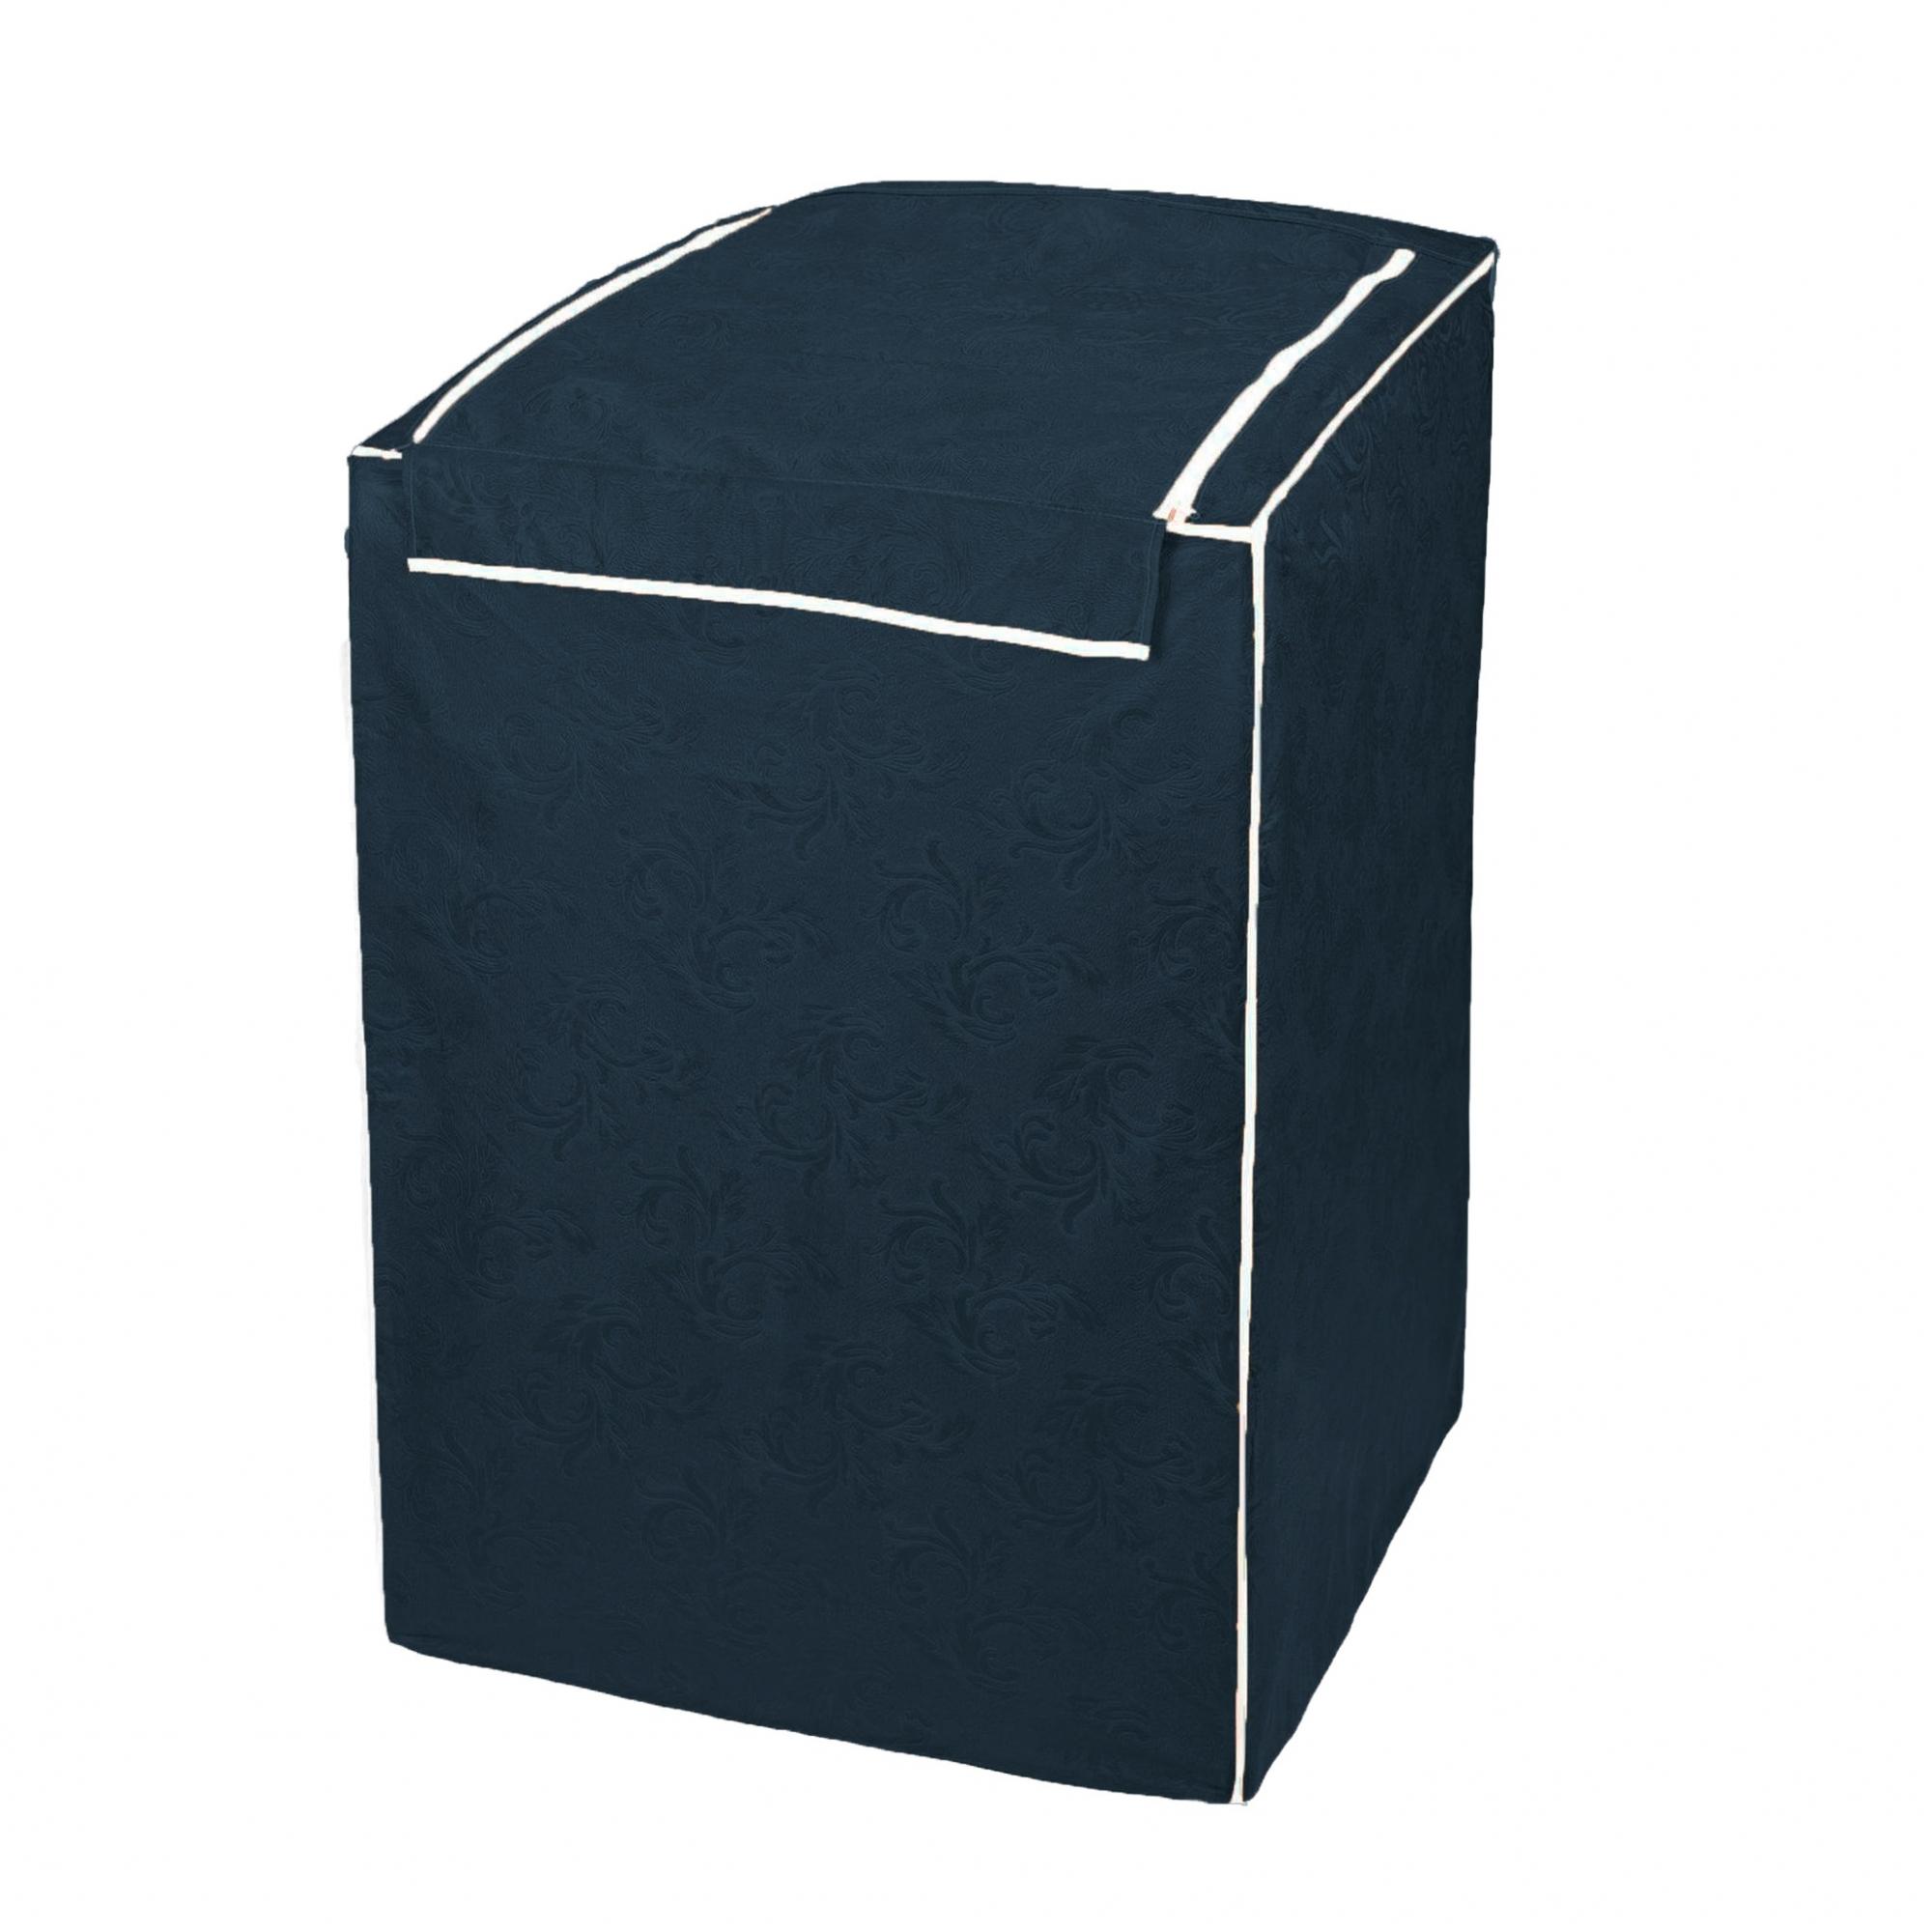 Capa Para Maquina De Lavar Eletrolux, Brastemp, Consul 7, 8 E 9 Kg Azul Cobalto